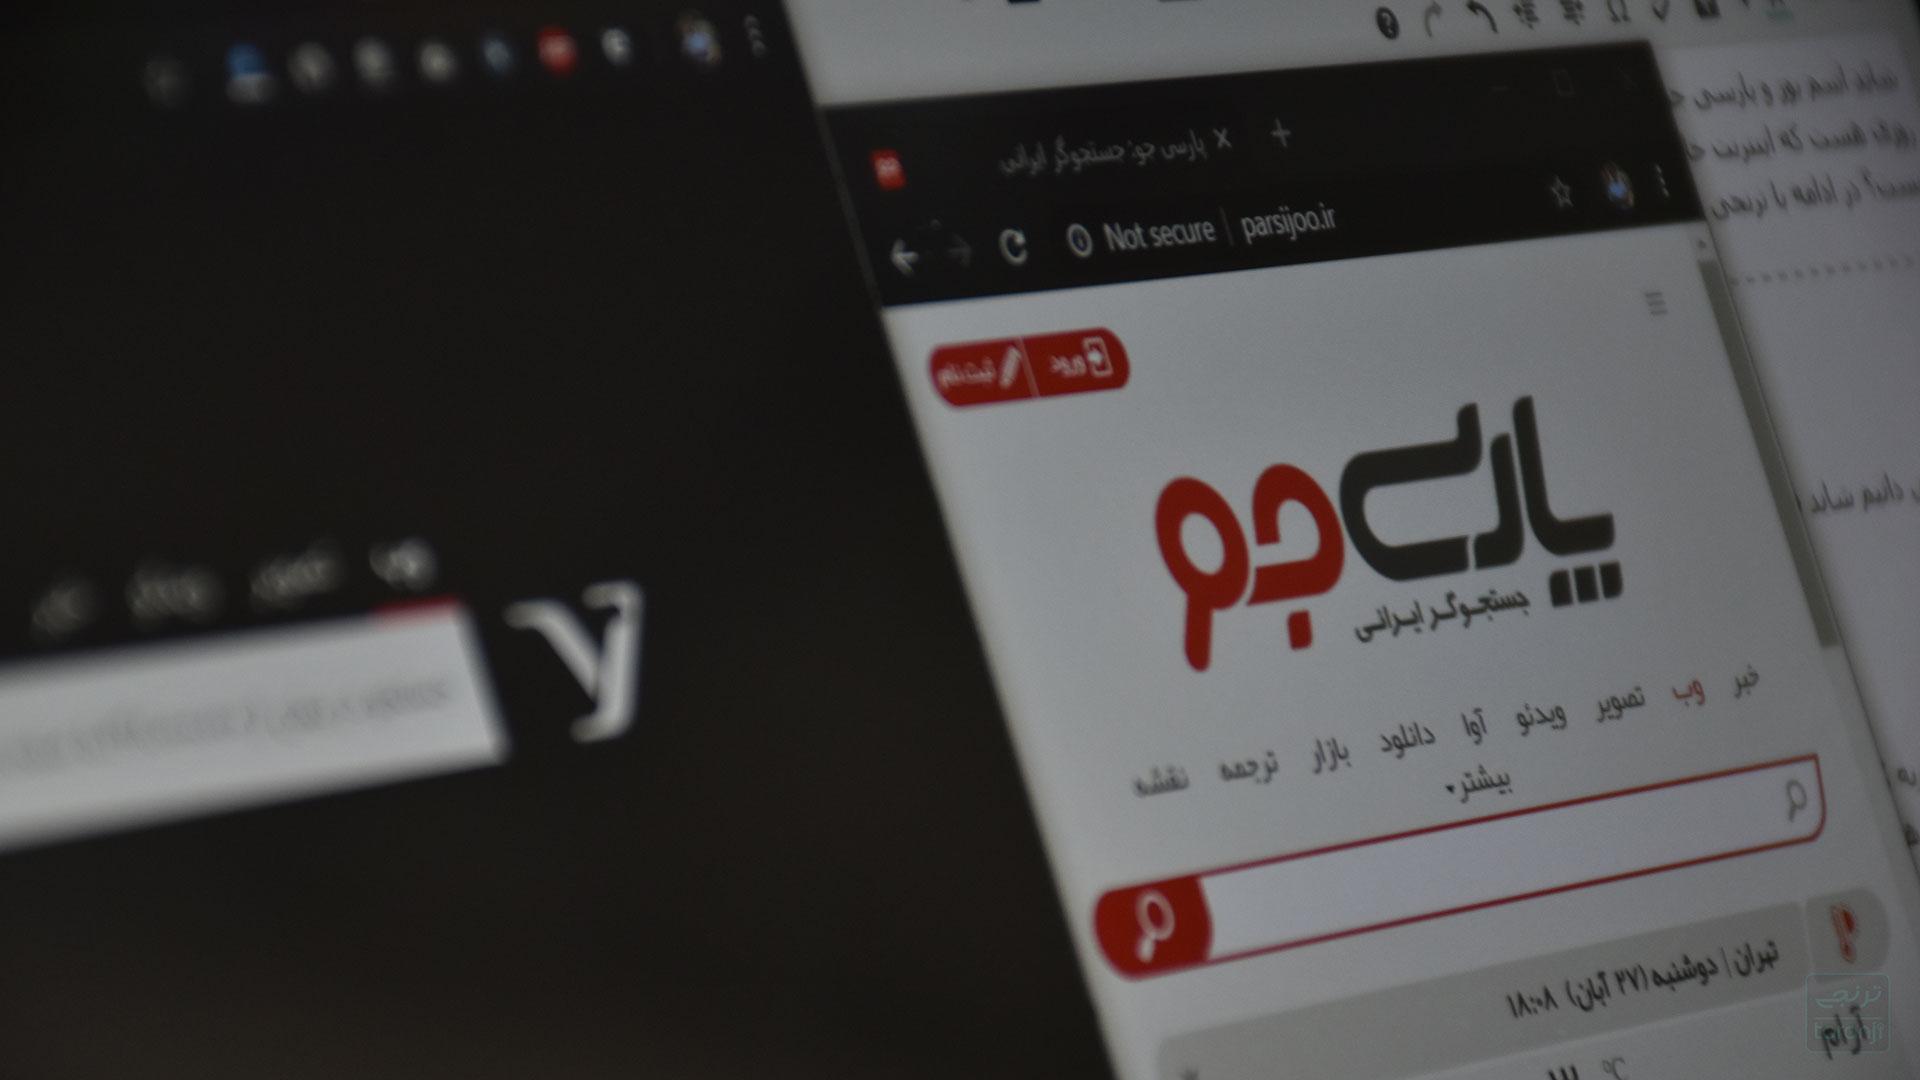 یوز و پارسی جو در وضعیت قطع بودن اینترنت خارجی چقدر جای گوگل را پر کردند؟!